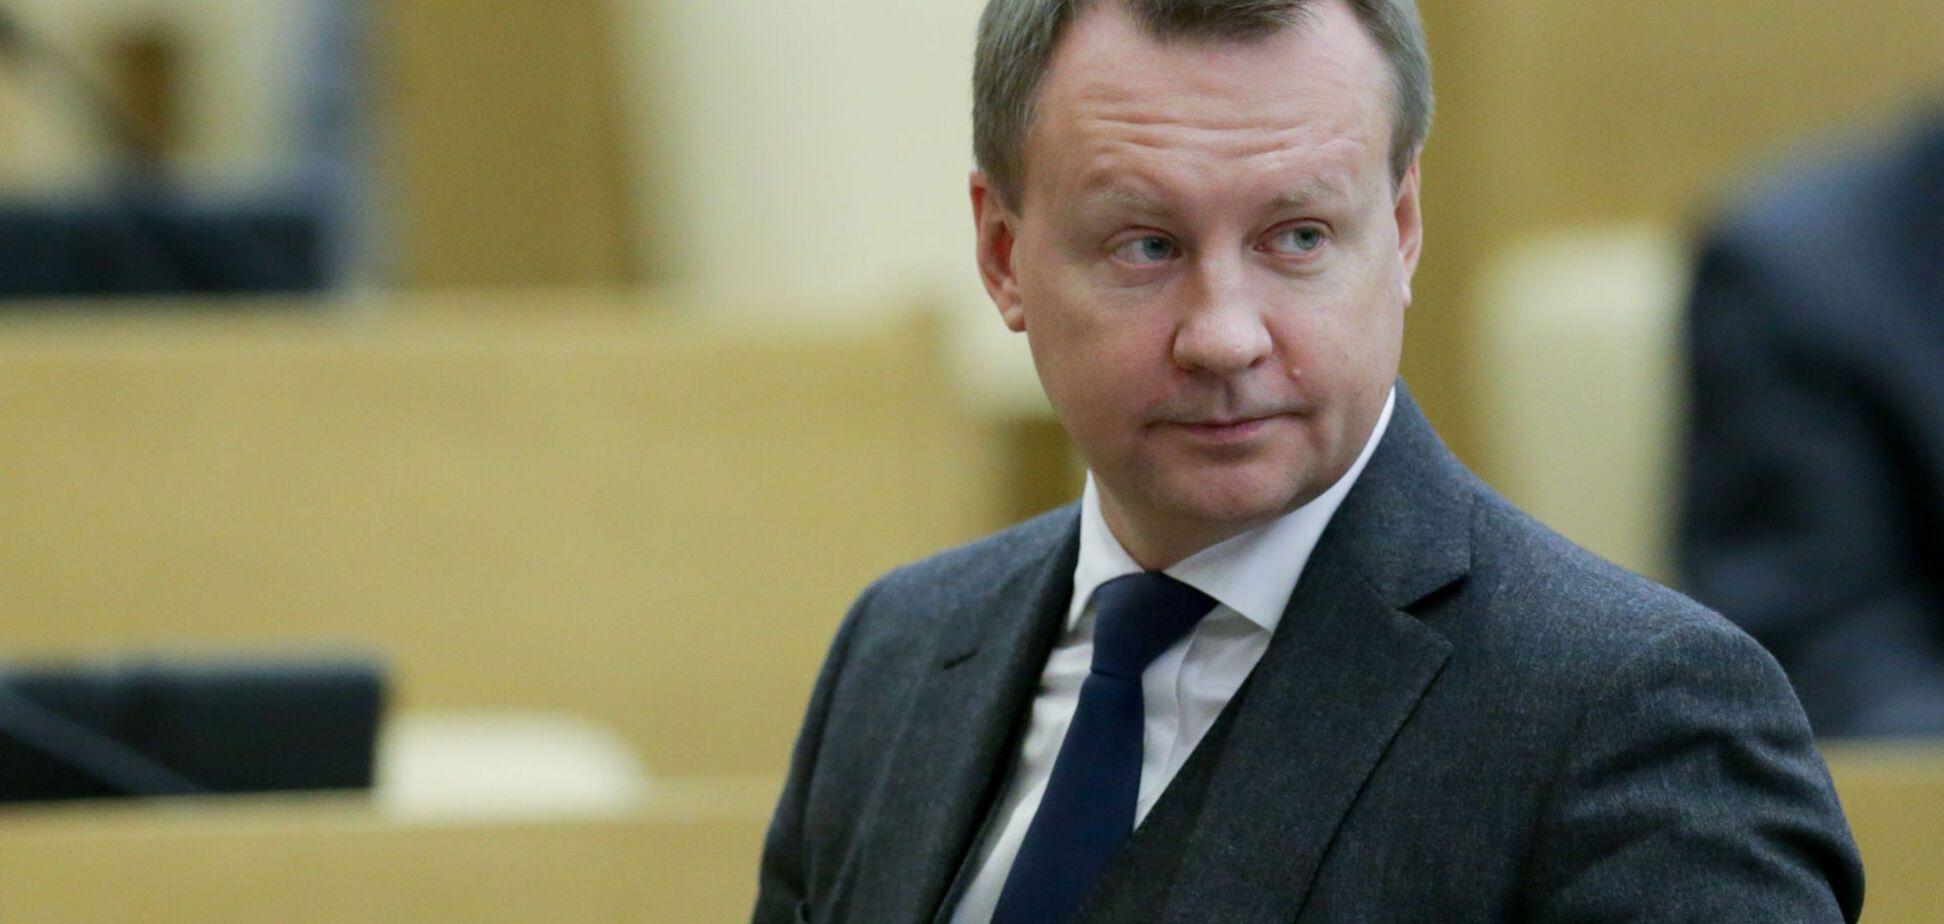 Замовник та виконавці встановлені: Луценко повідомив важливі деталі щодо вбивства Вороненкова